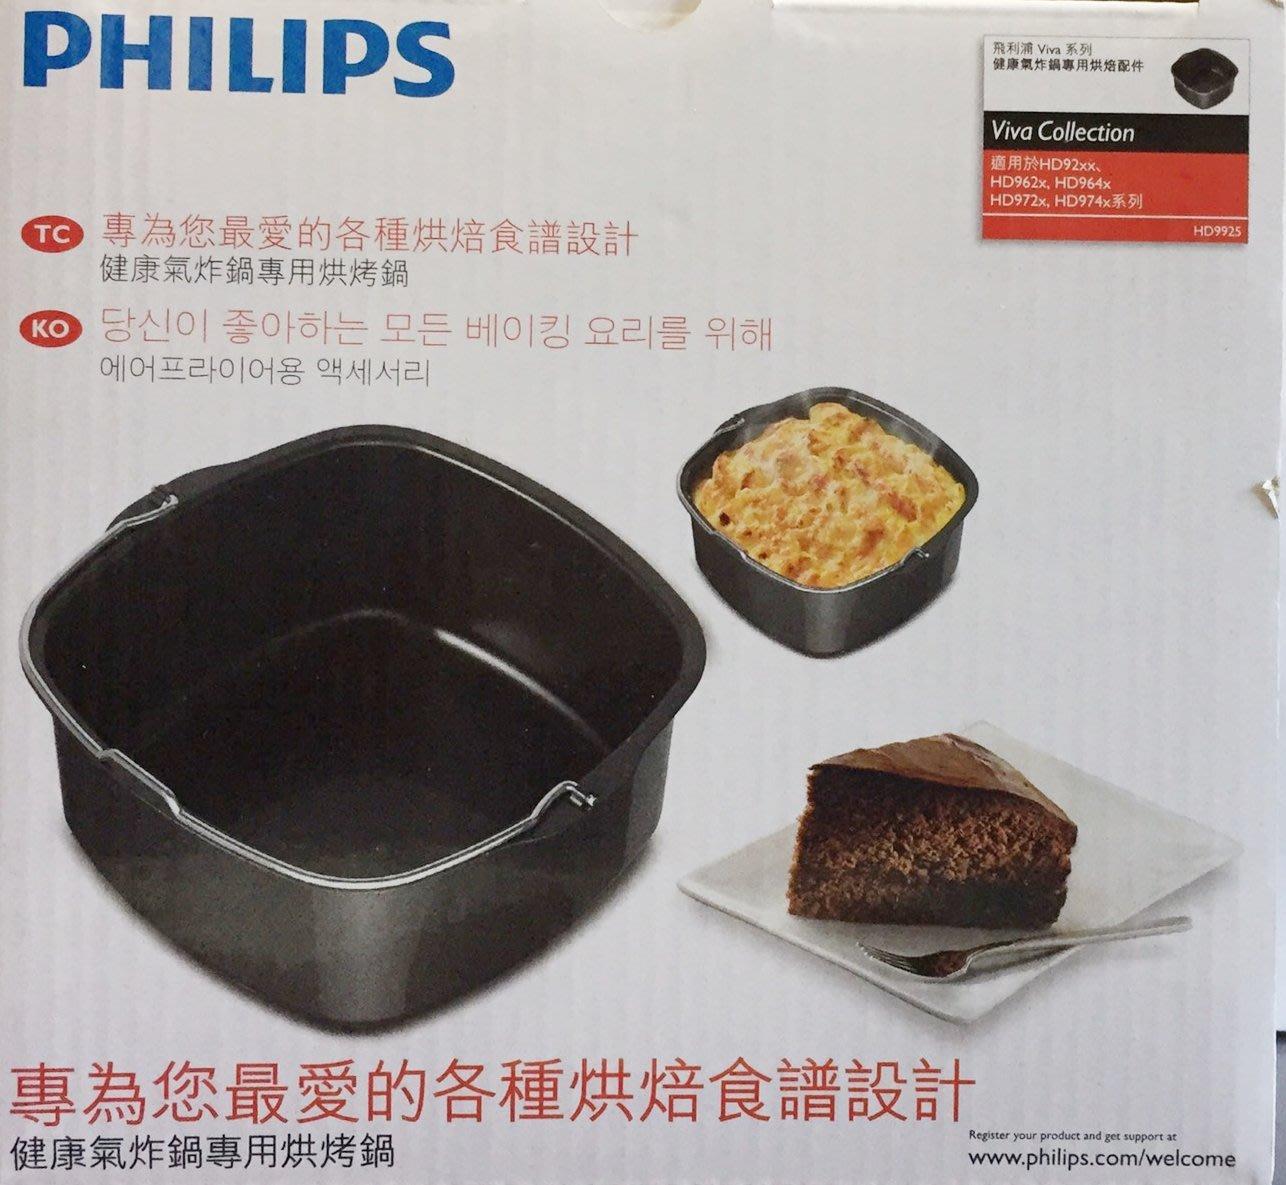 飛利浦健康氣炸鍋專用配件-烘烤鍋/焗烤鍋HD9925盒裝(適用 HD9220/HD9230/HD9240/HD9642)